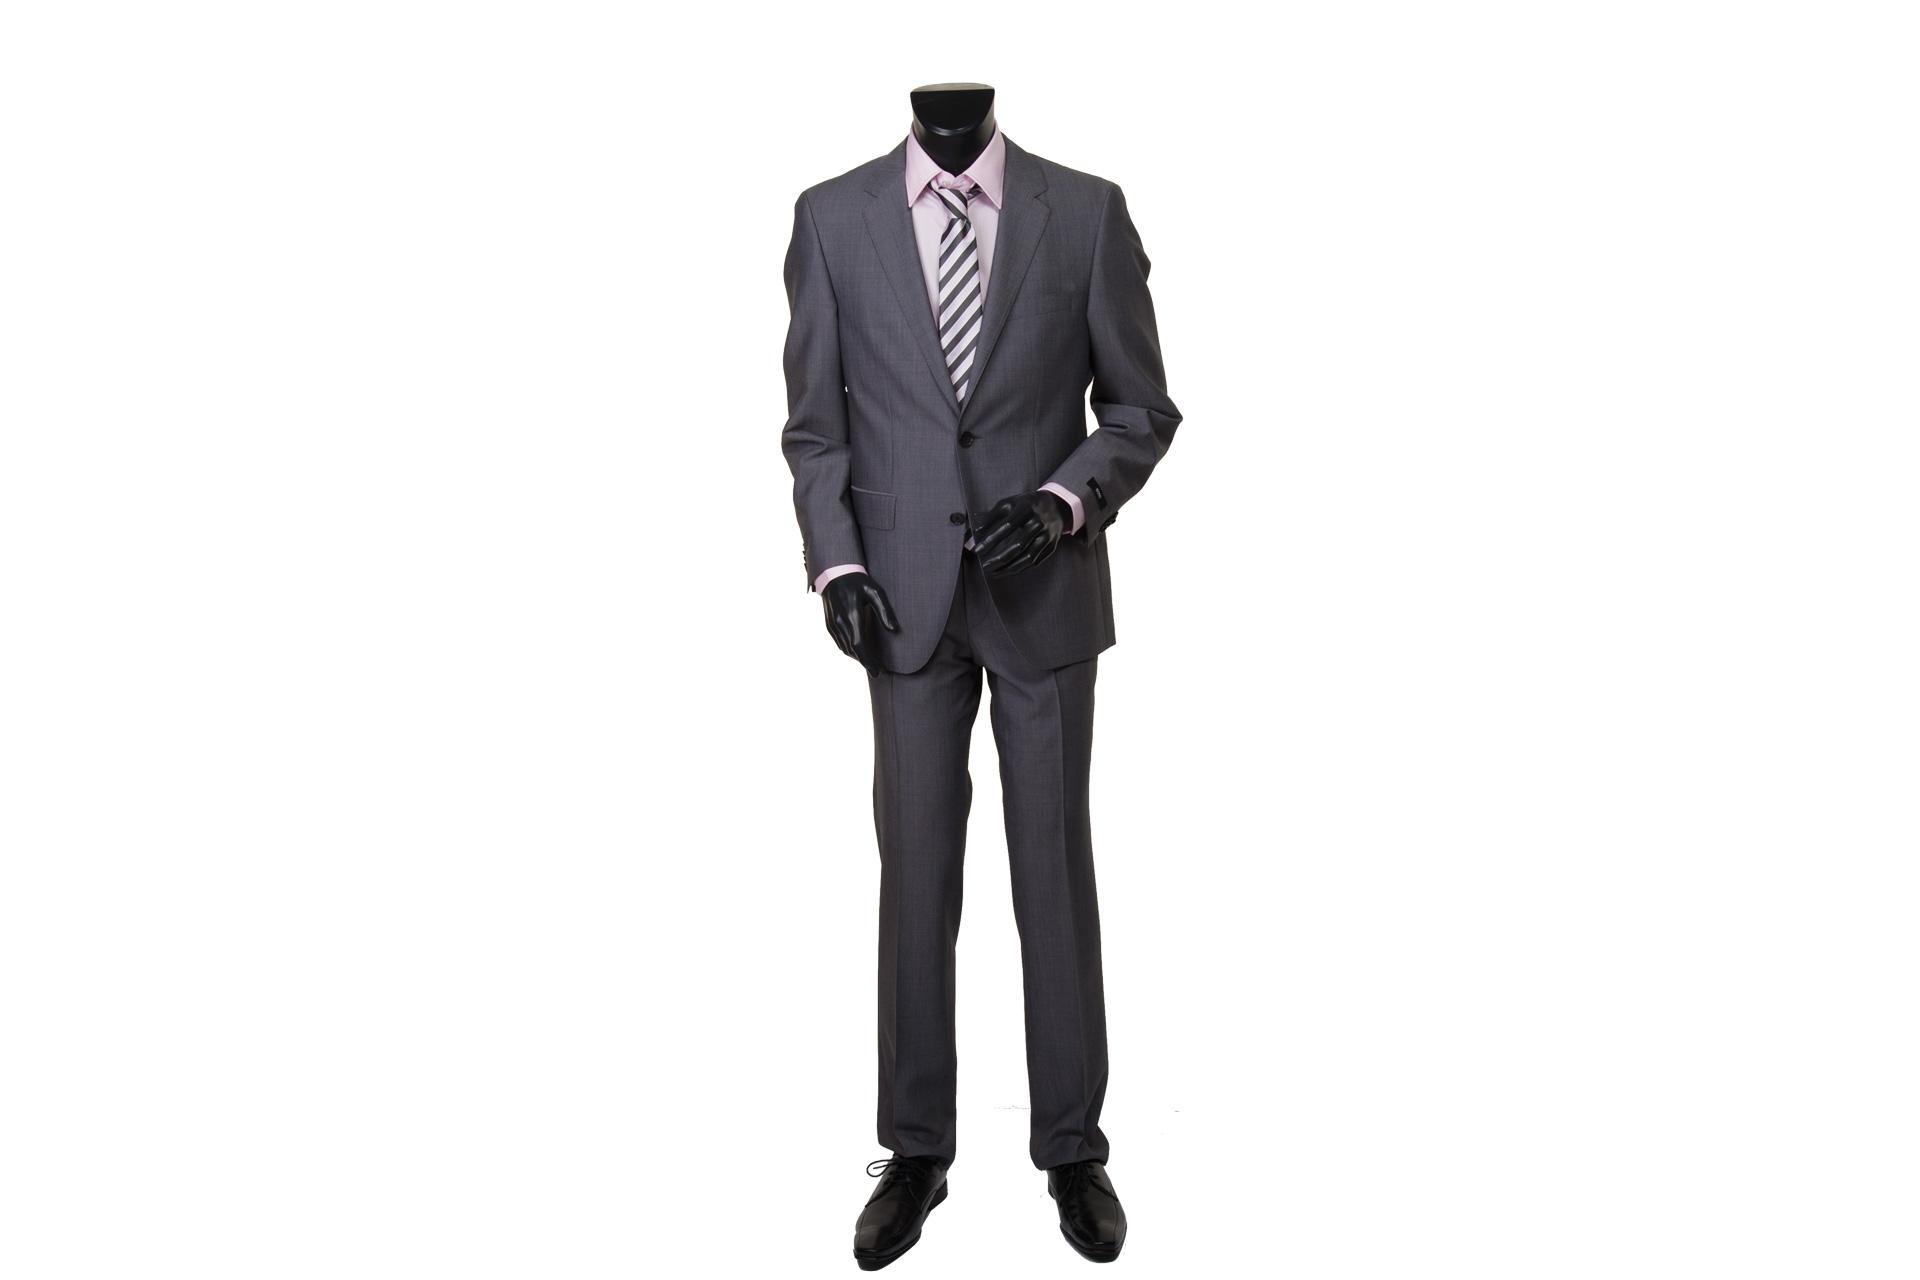 Magasin de prêt a porter de luxe pour hommes, Grands choix de ceintures de luxe pour hommes, cachemires